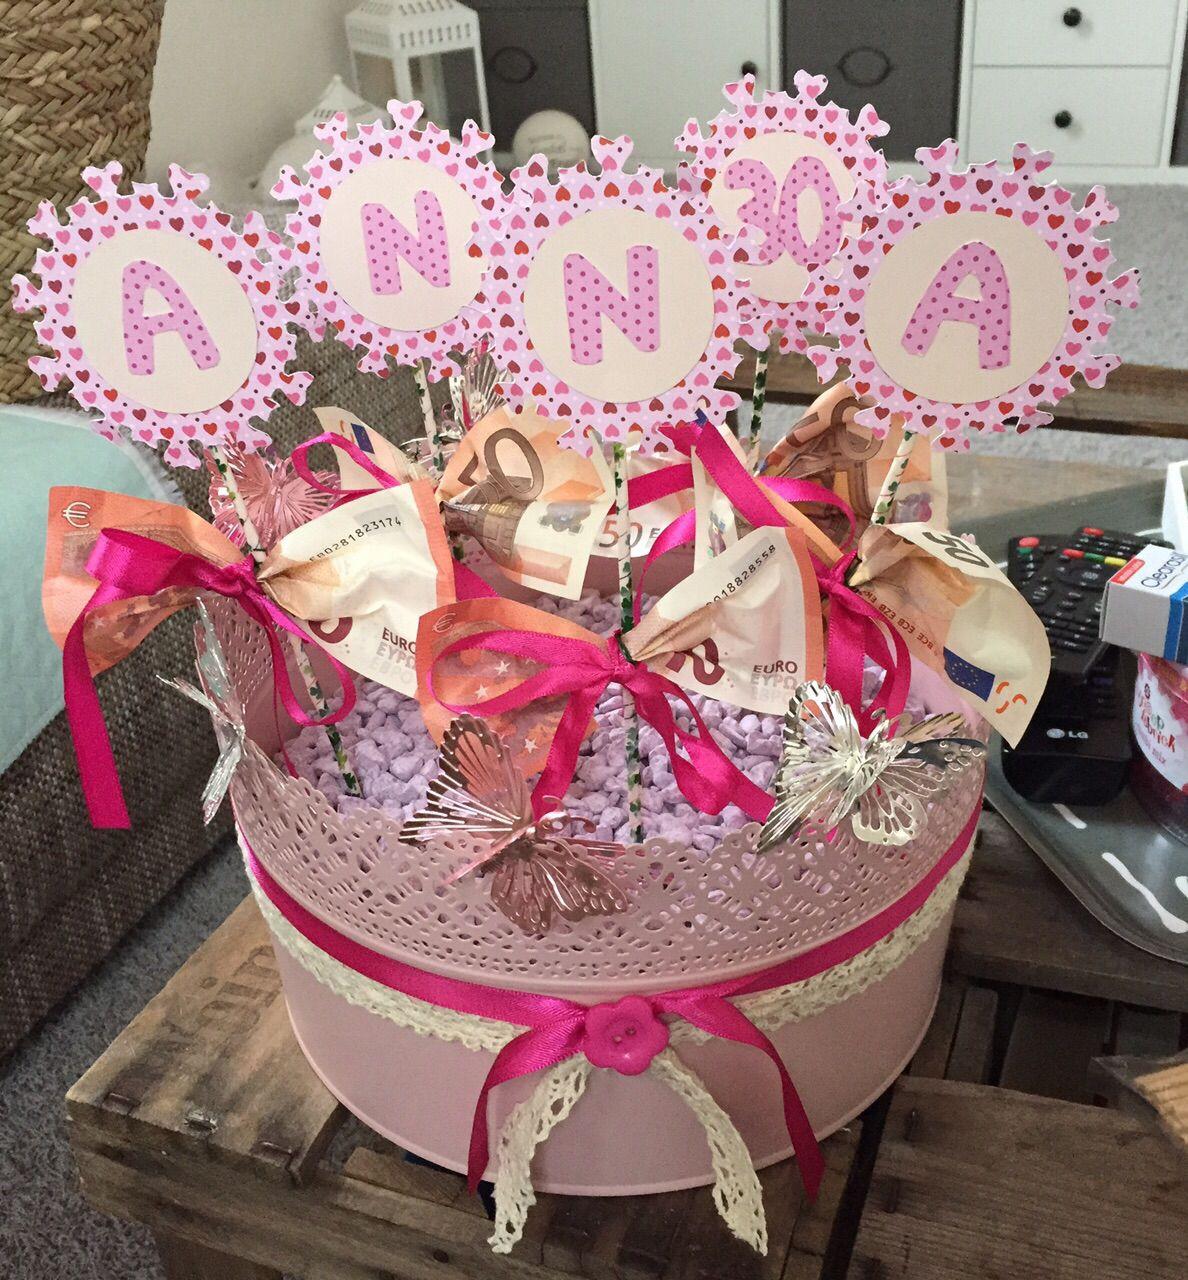 Geschenkideen Frauen 30  Geldgeschenk zum 30 Geburtstag geburtstagsgeschenk